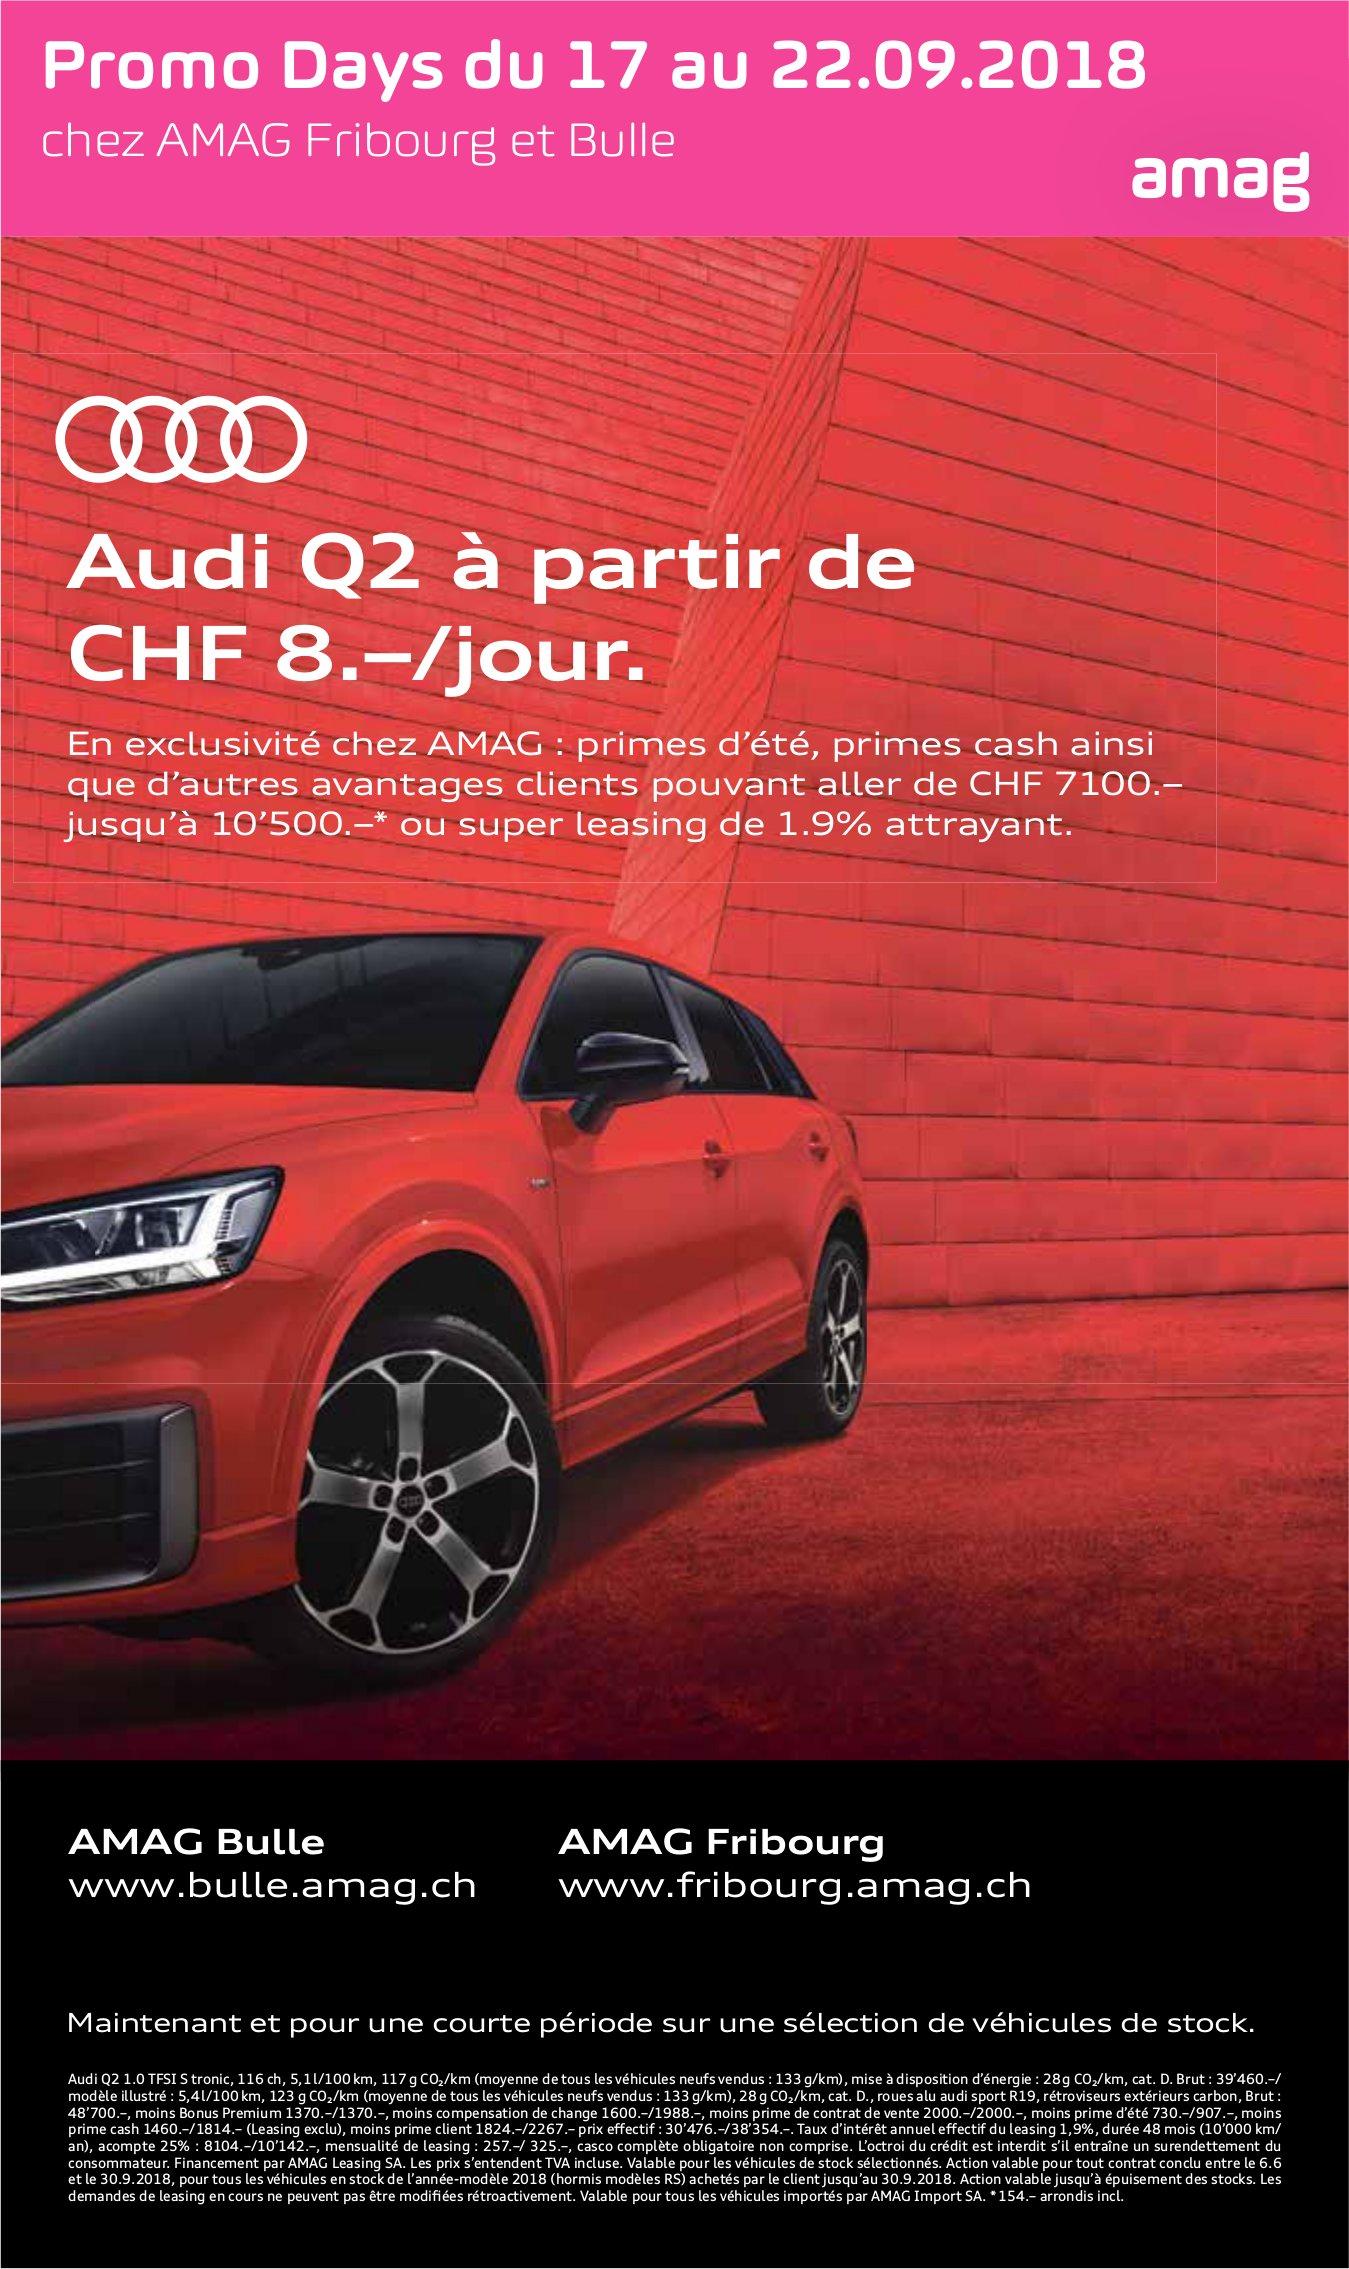 AMAG Bulle, Audi Q2 à partir de CHF 8.–/jour.